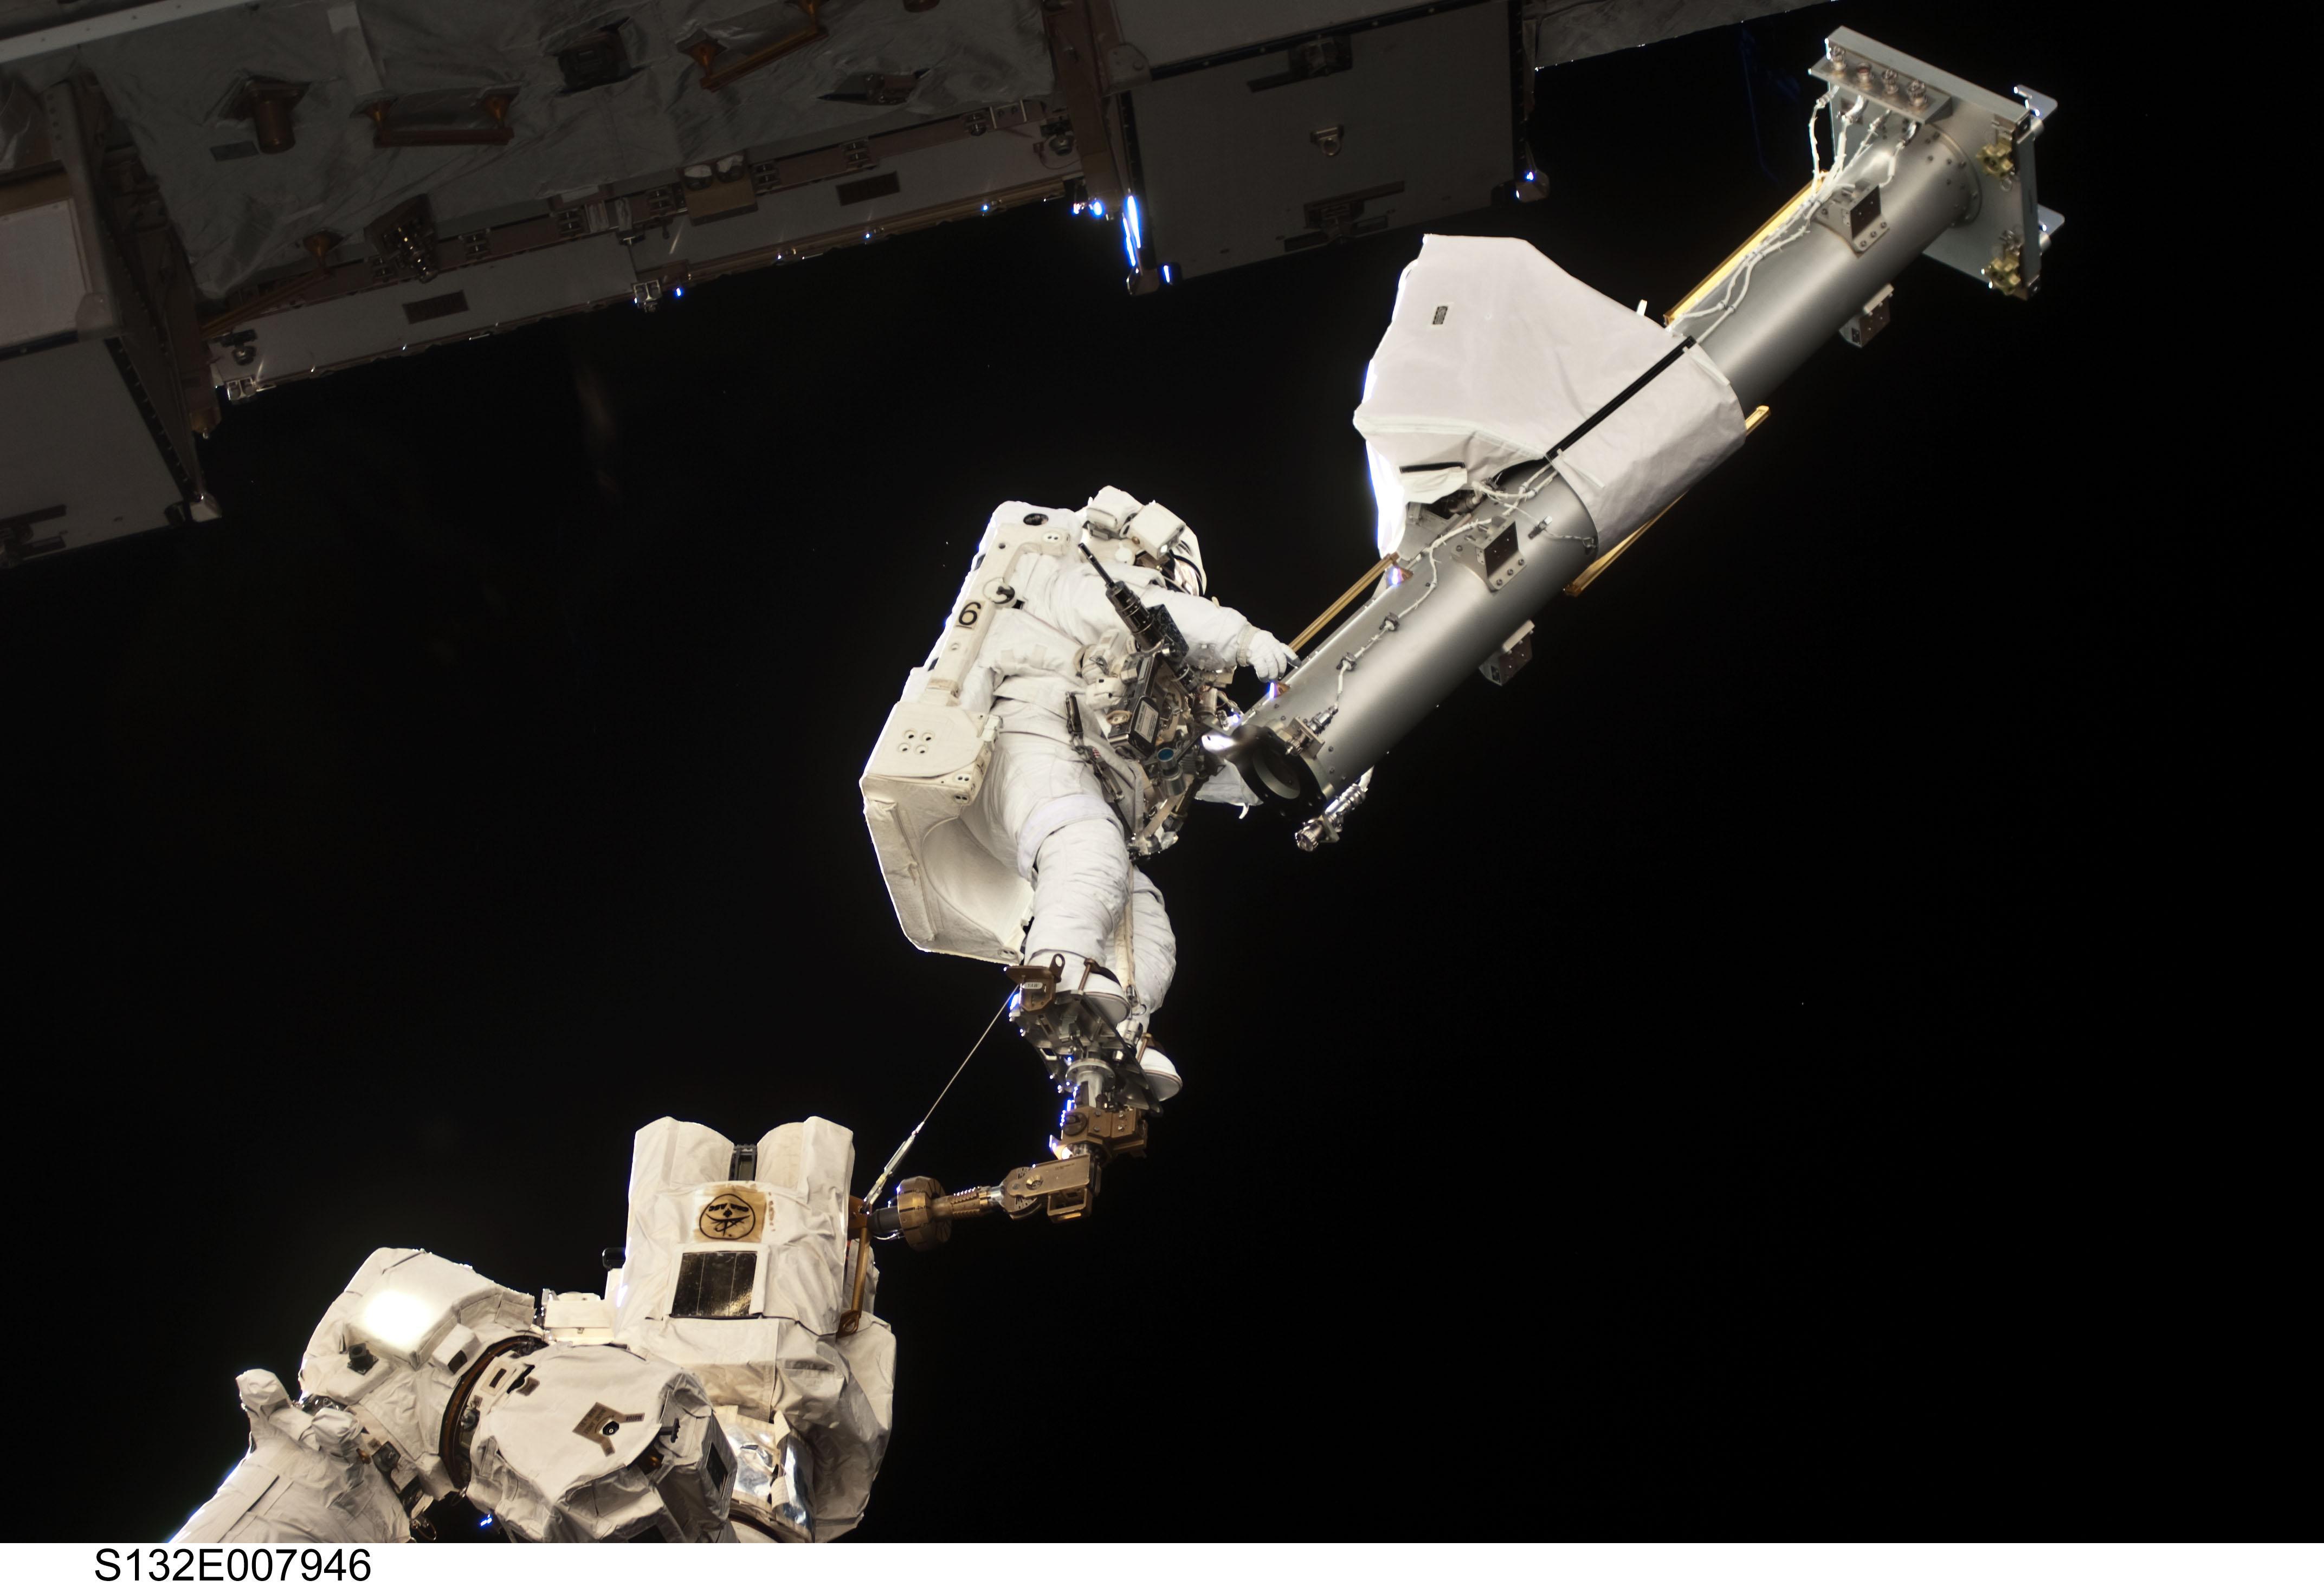 Free NASA Photo: Astronaut on Spacewalk.